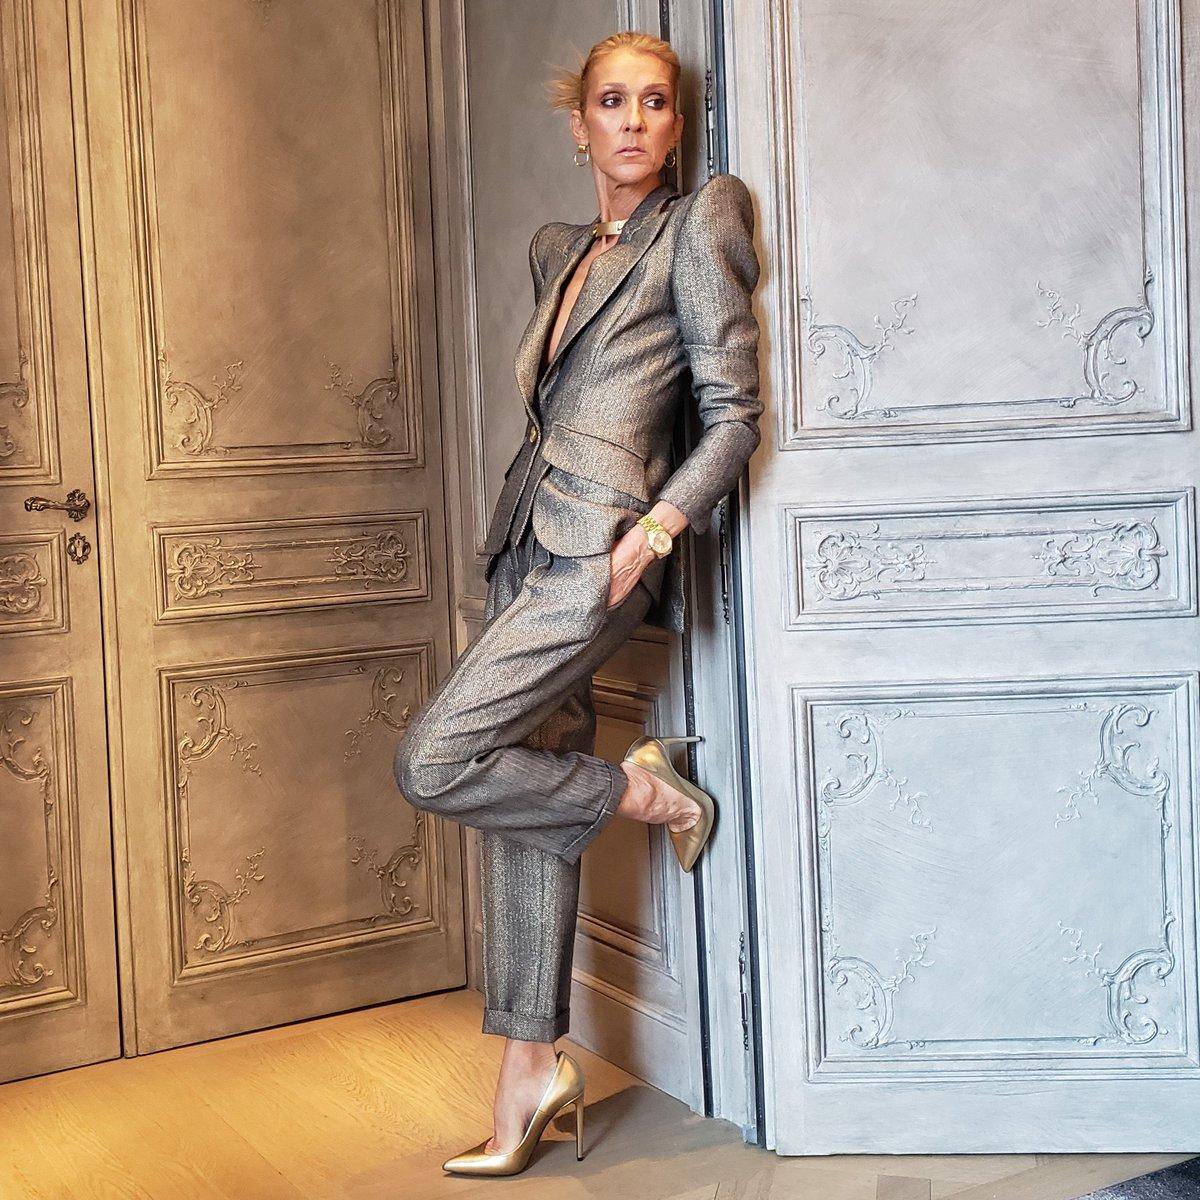 #fierce #elegant #powersuit #couture #fashion #pfw https://t.co/tqXeTvrsSa